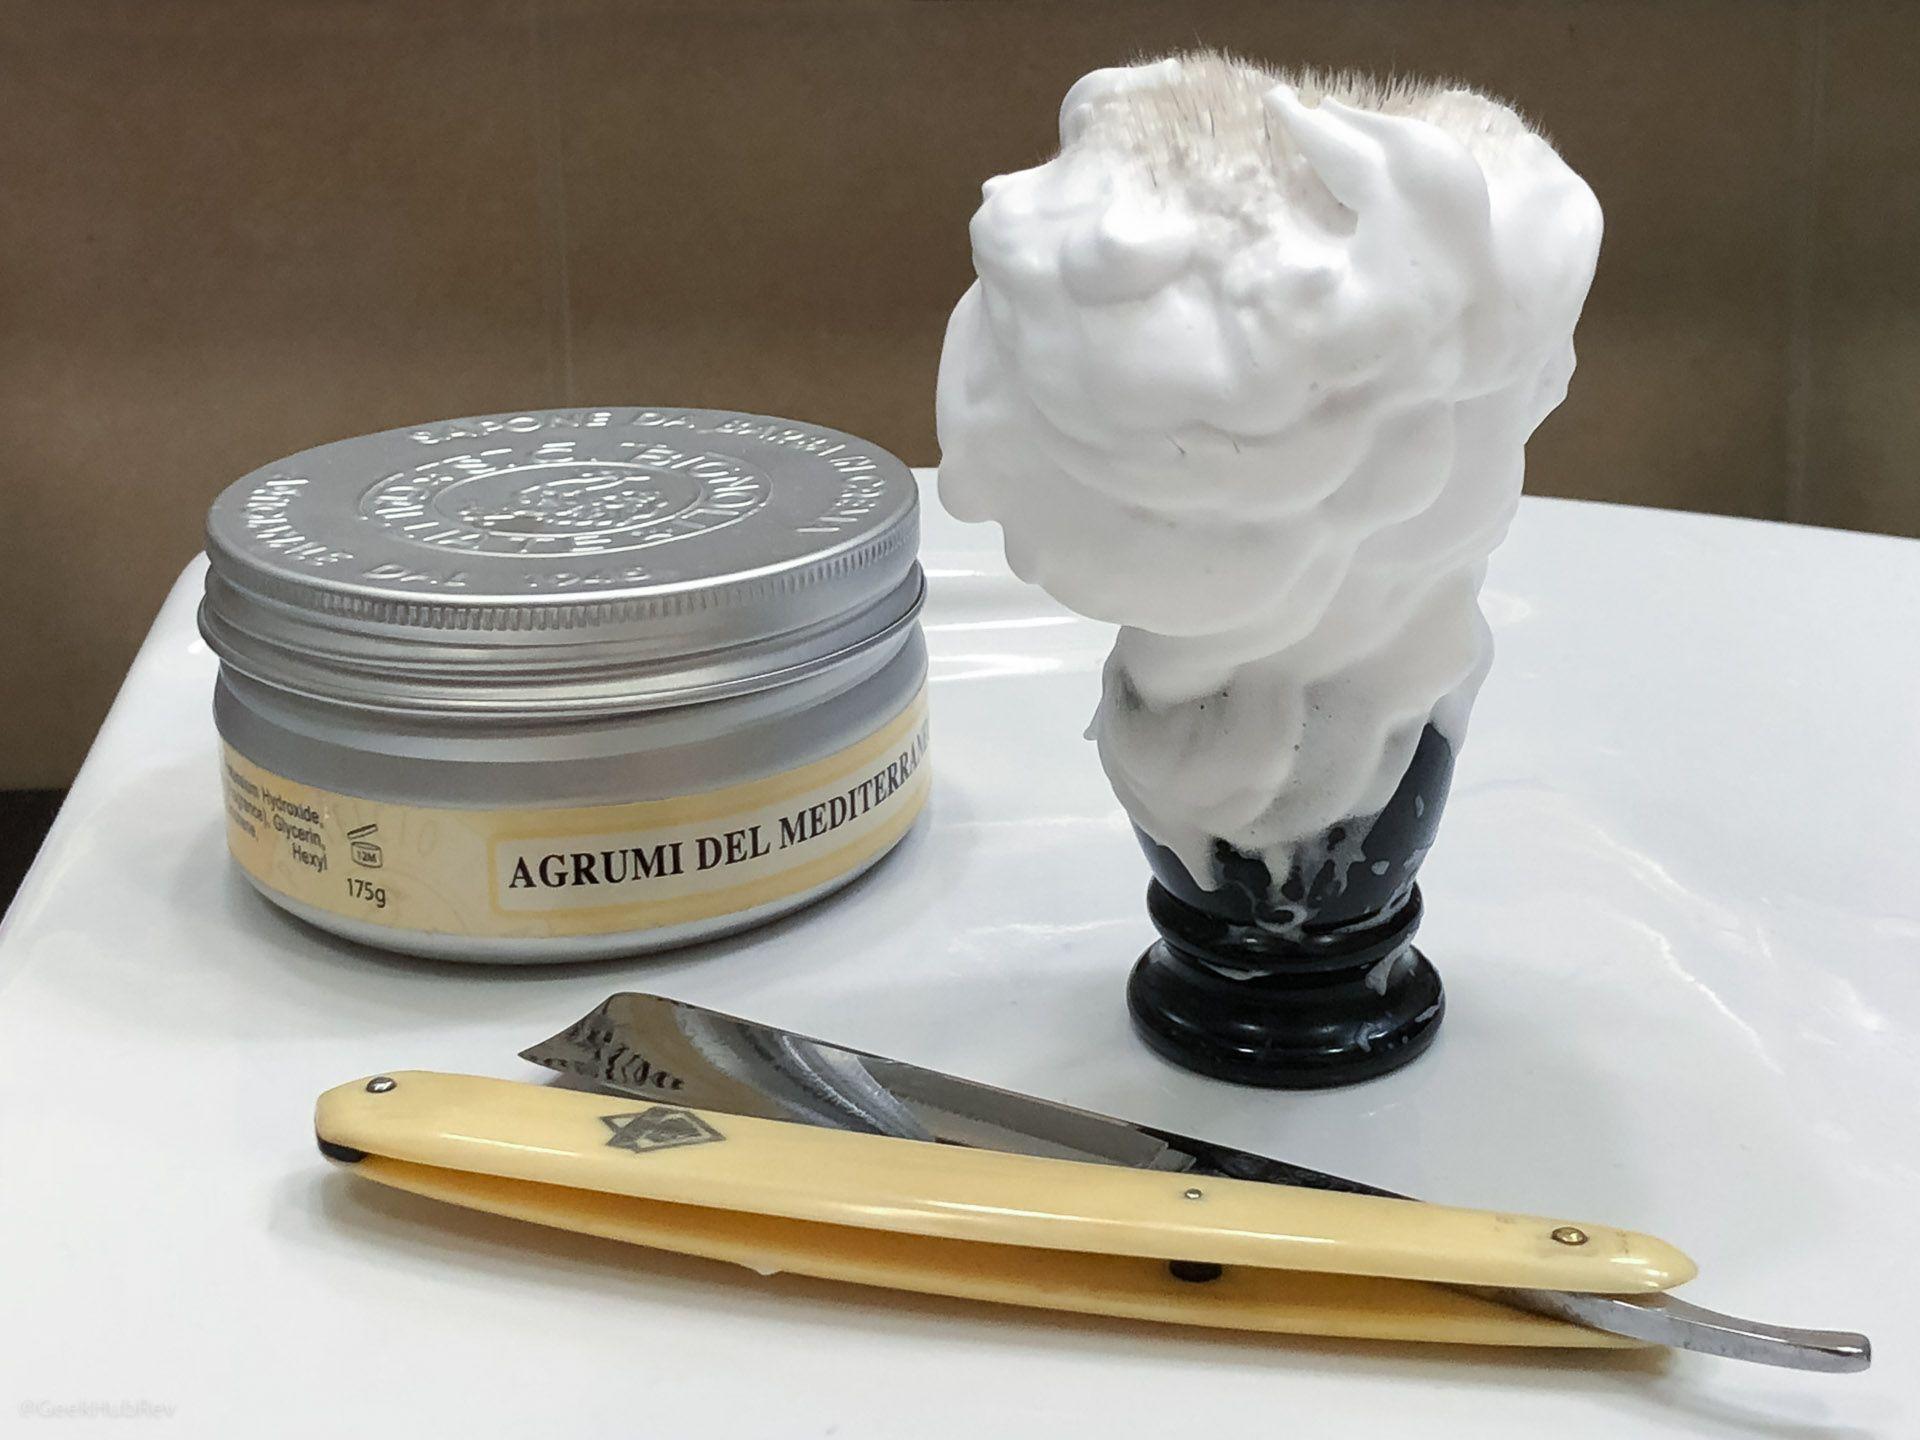 Wyrabianie piany z kremu do golenia Saponificio Bignoli Agrumi del Mediterraneo Shaving Cream – piana pozostała na pędzlu po pierwszym nałożeniu